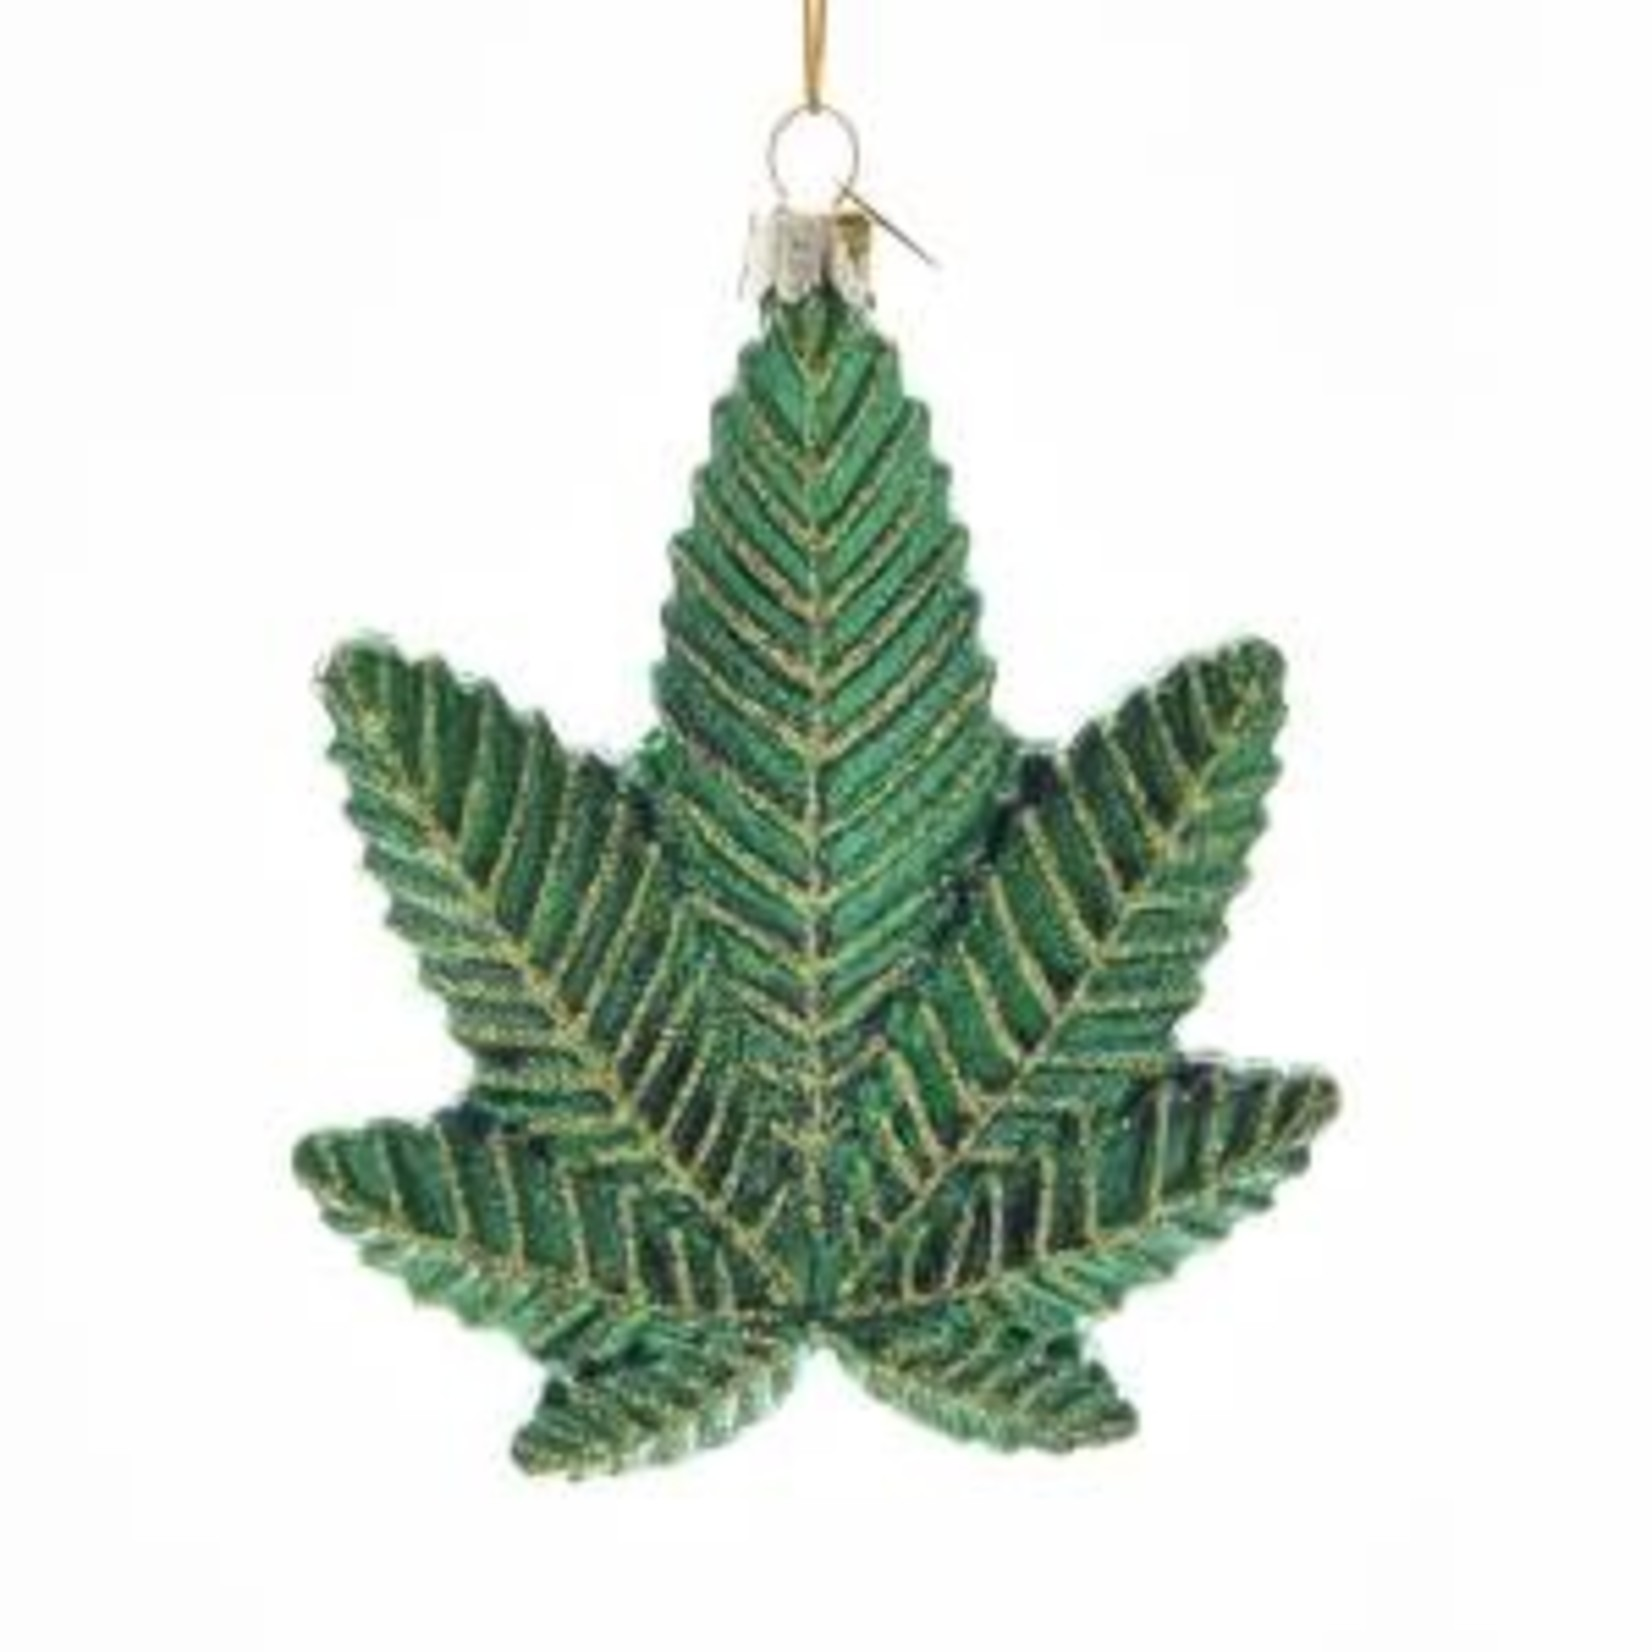 Ornament - Cannabis Leaf